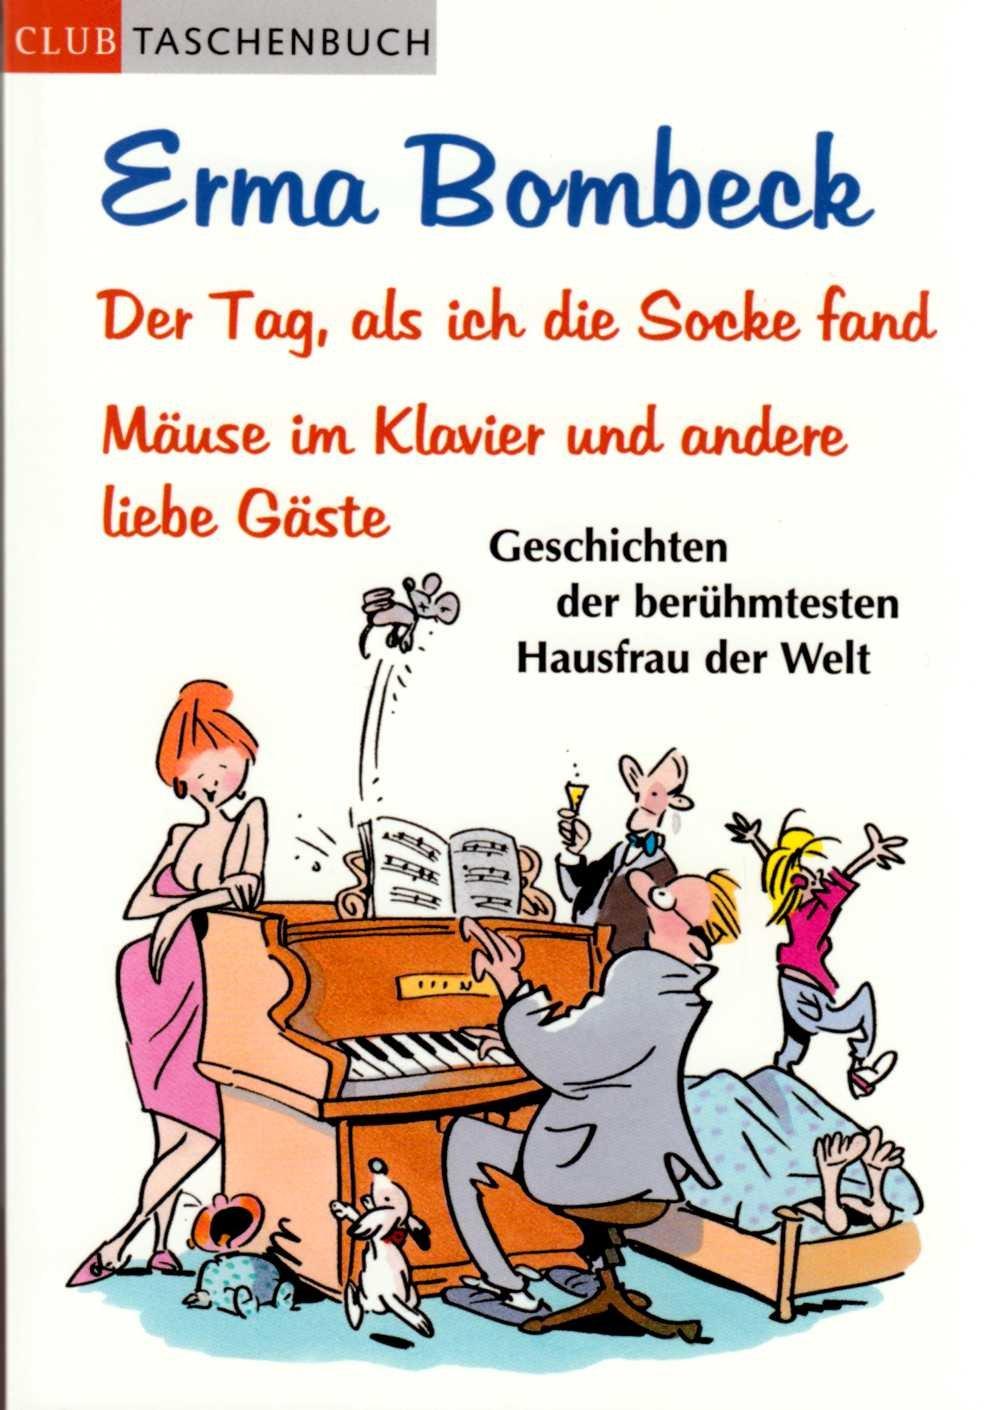 Der Tag, als ich die Socke fand - Mäuse im Klavier und andere liebe Gäste - Geschichten der berühmtesten Hausfrau der Welt